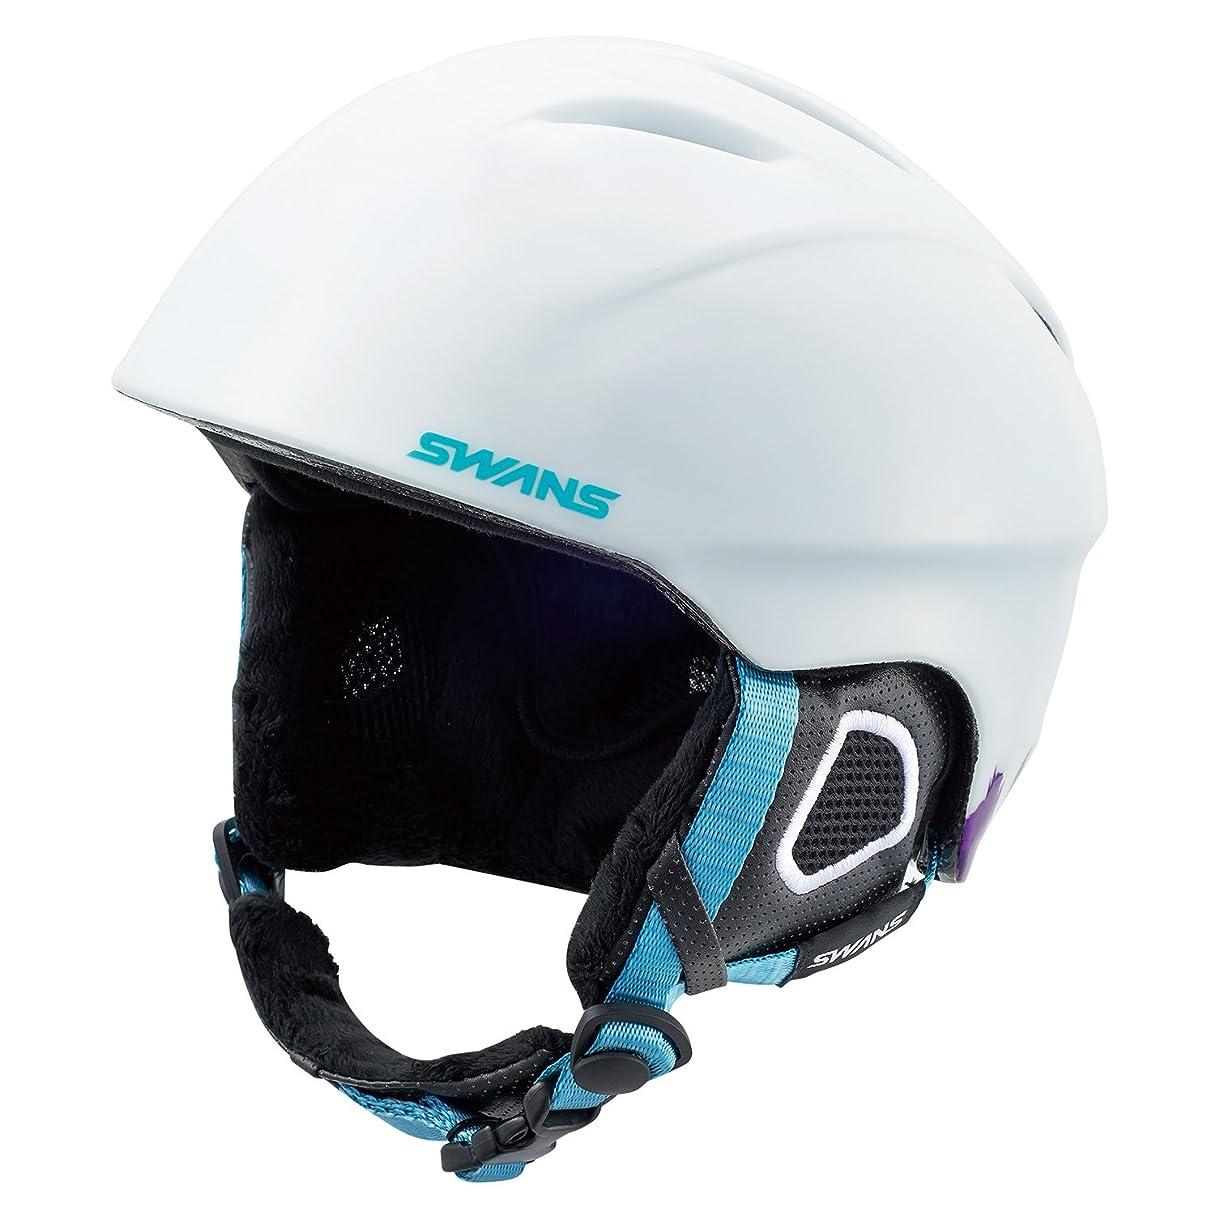 落ち着いた通り誇りに思うSWANS(スワンズ) スキー スノーボード ヘルメット フリーライドモデル 大人用 男女兼用 HSF-130